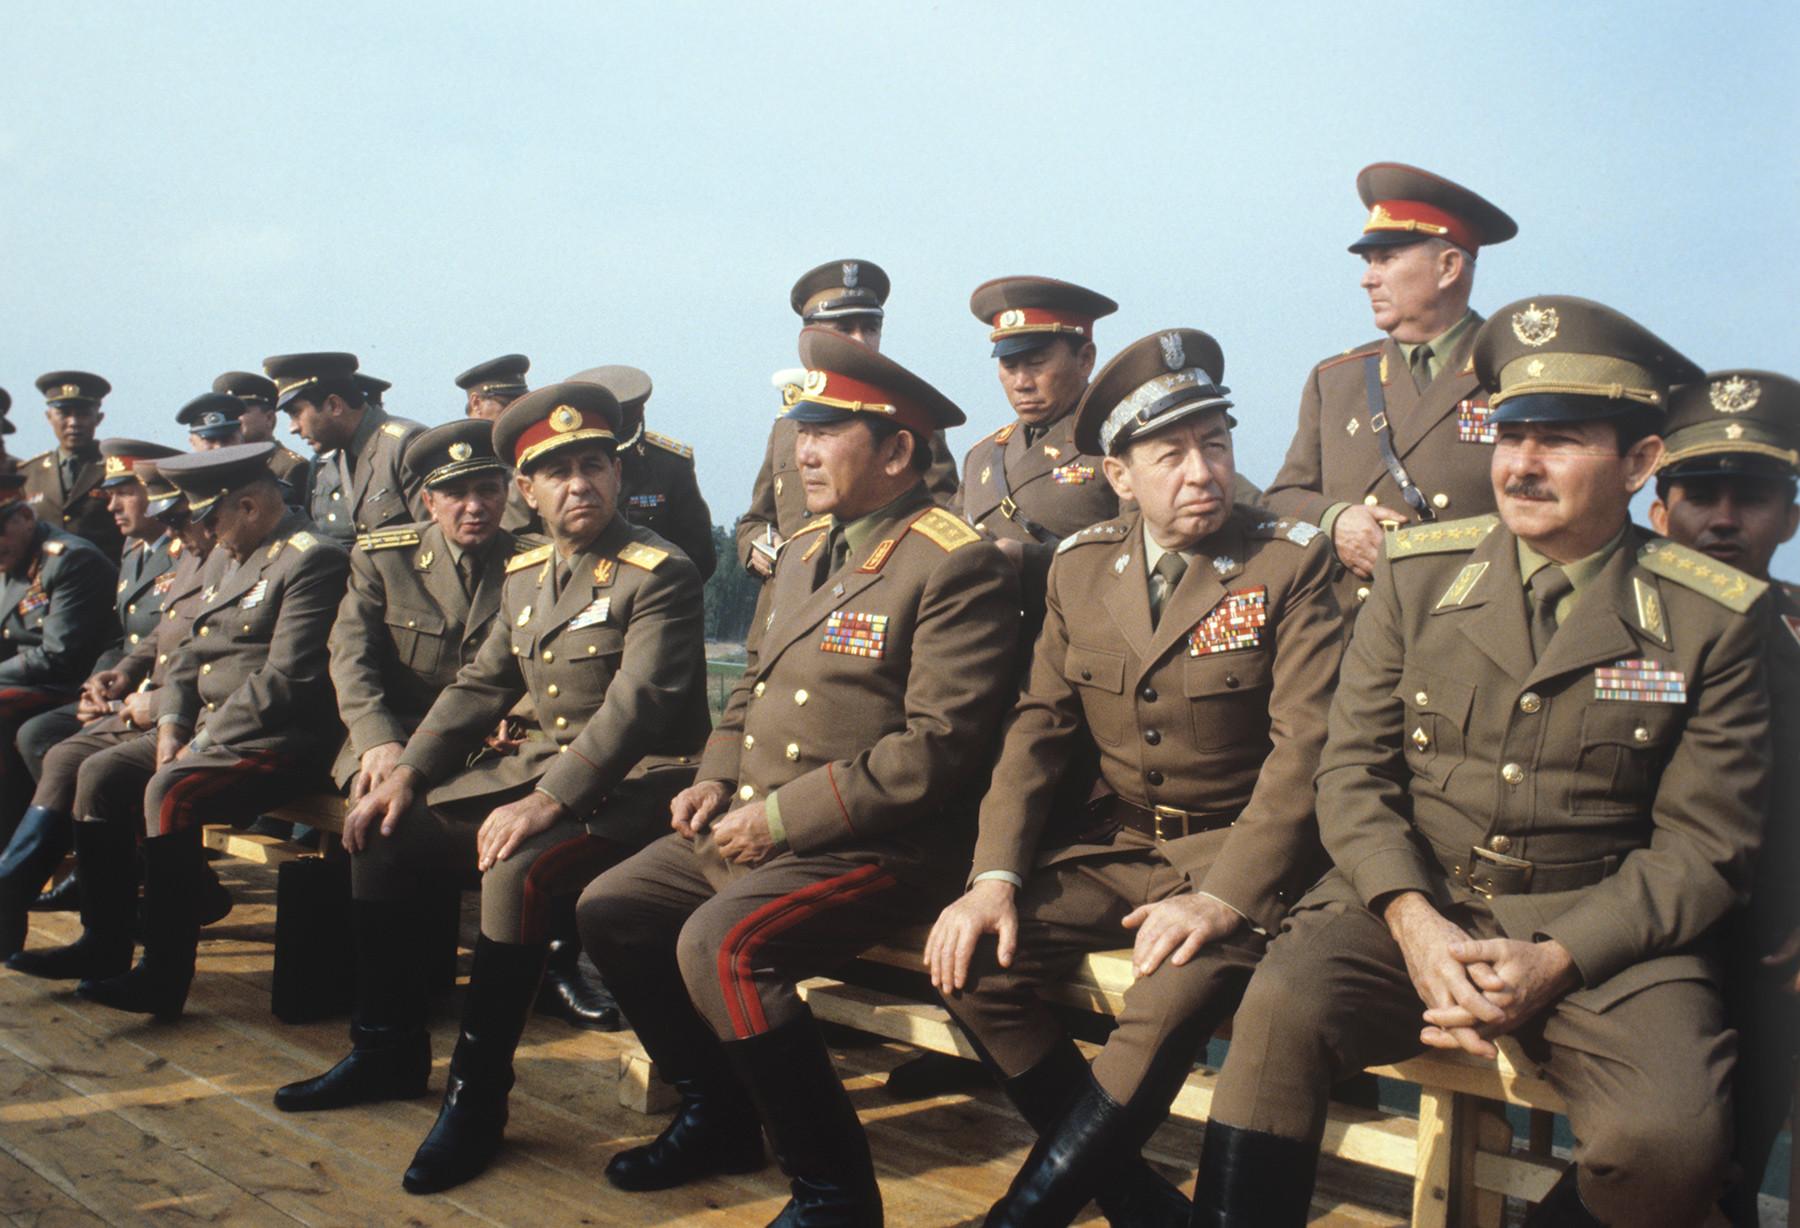 Des représentants des pays socialistes aux exercices Zapad-81.